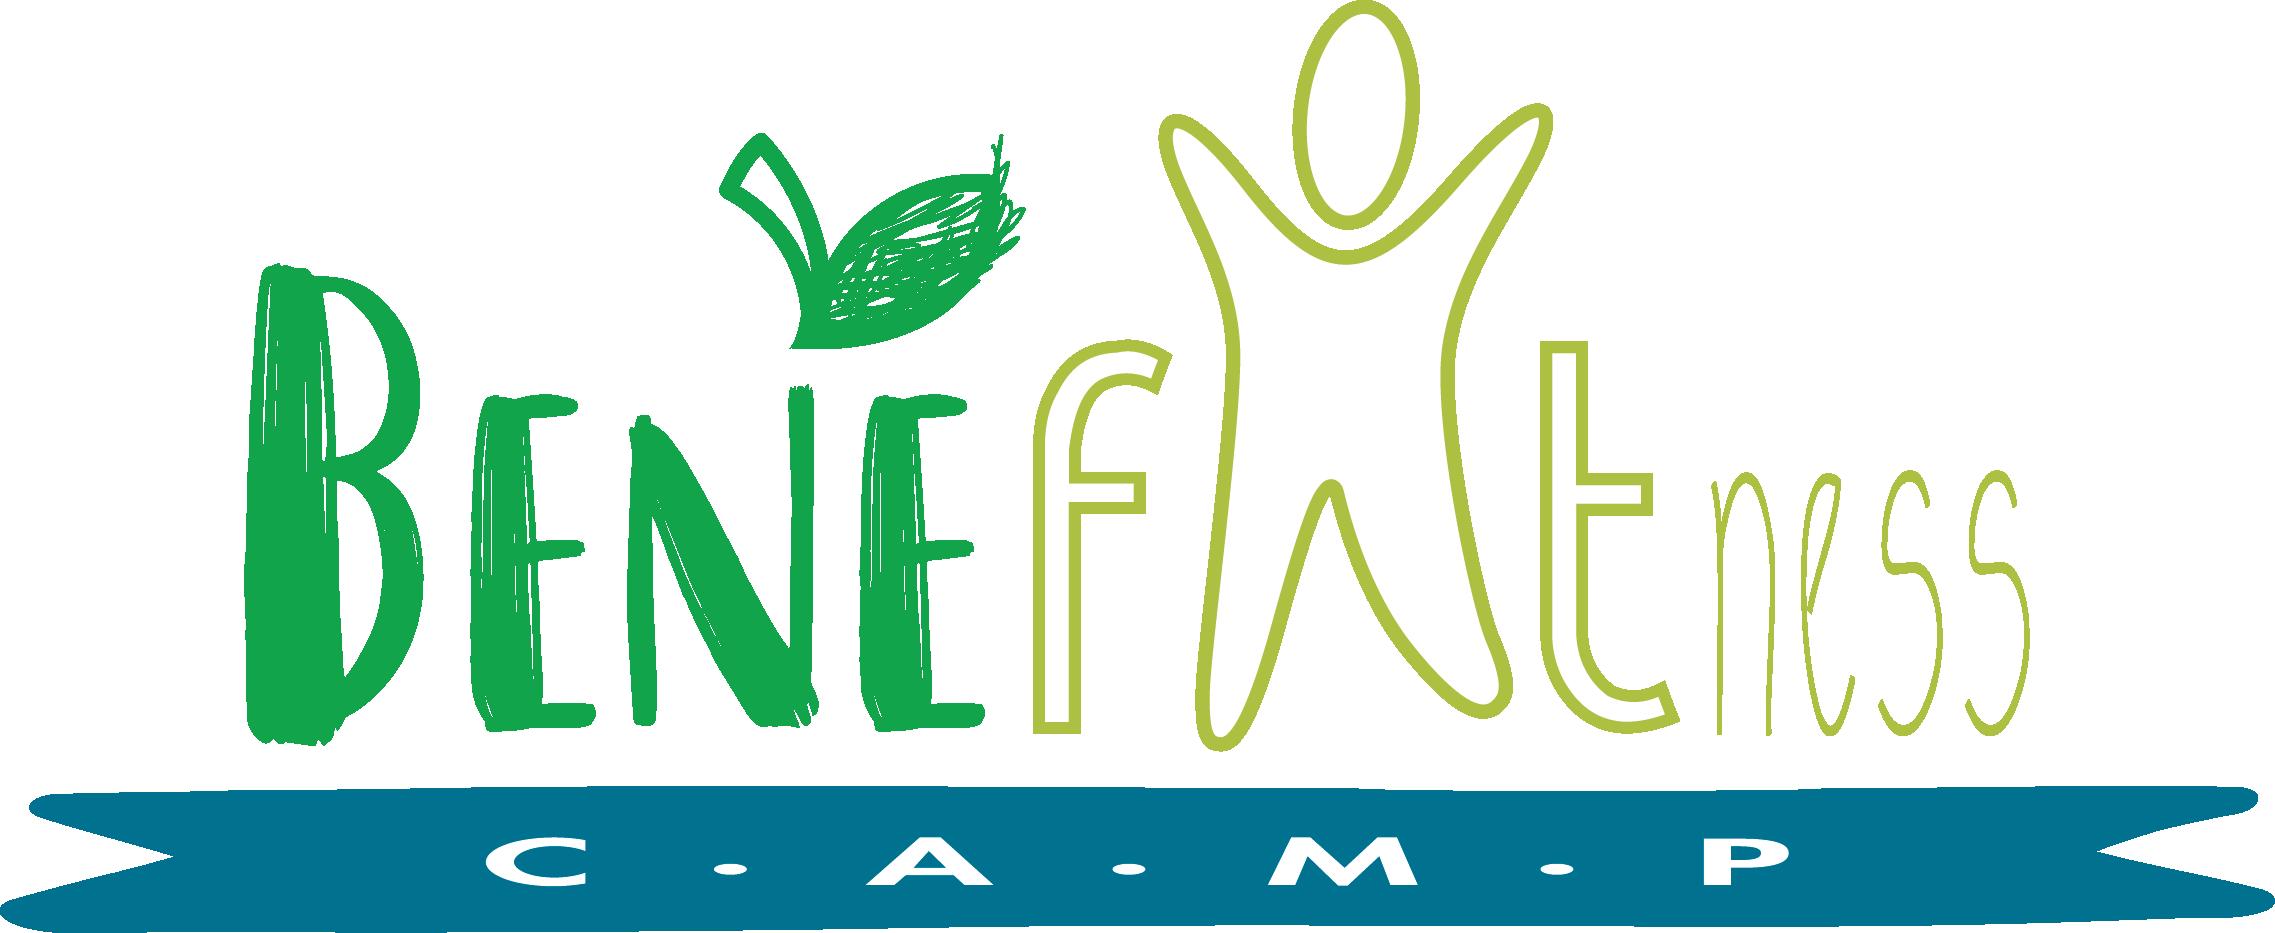 BENEFITNESS camp Activa - Campamento deportivo y de salud